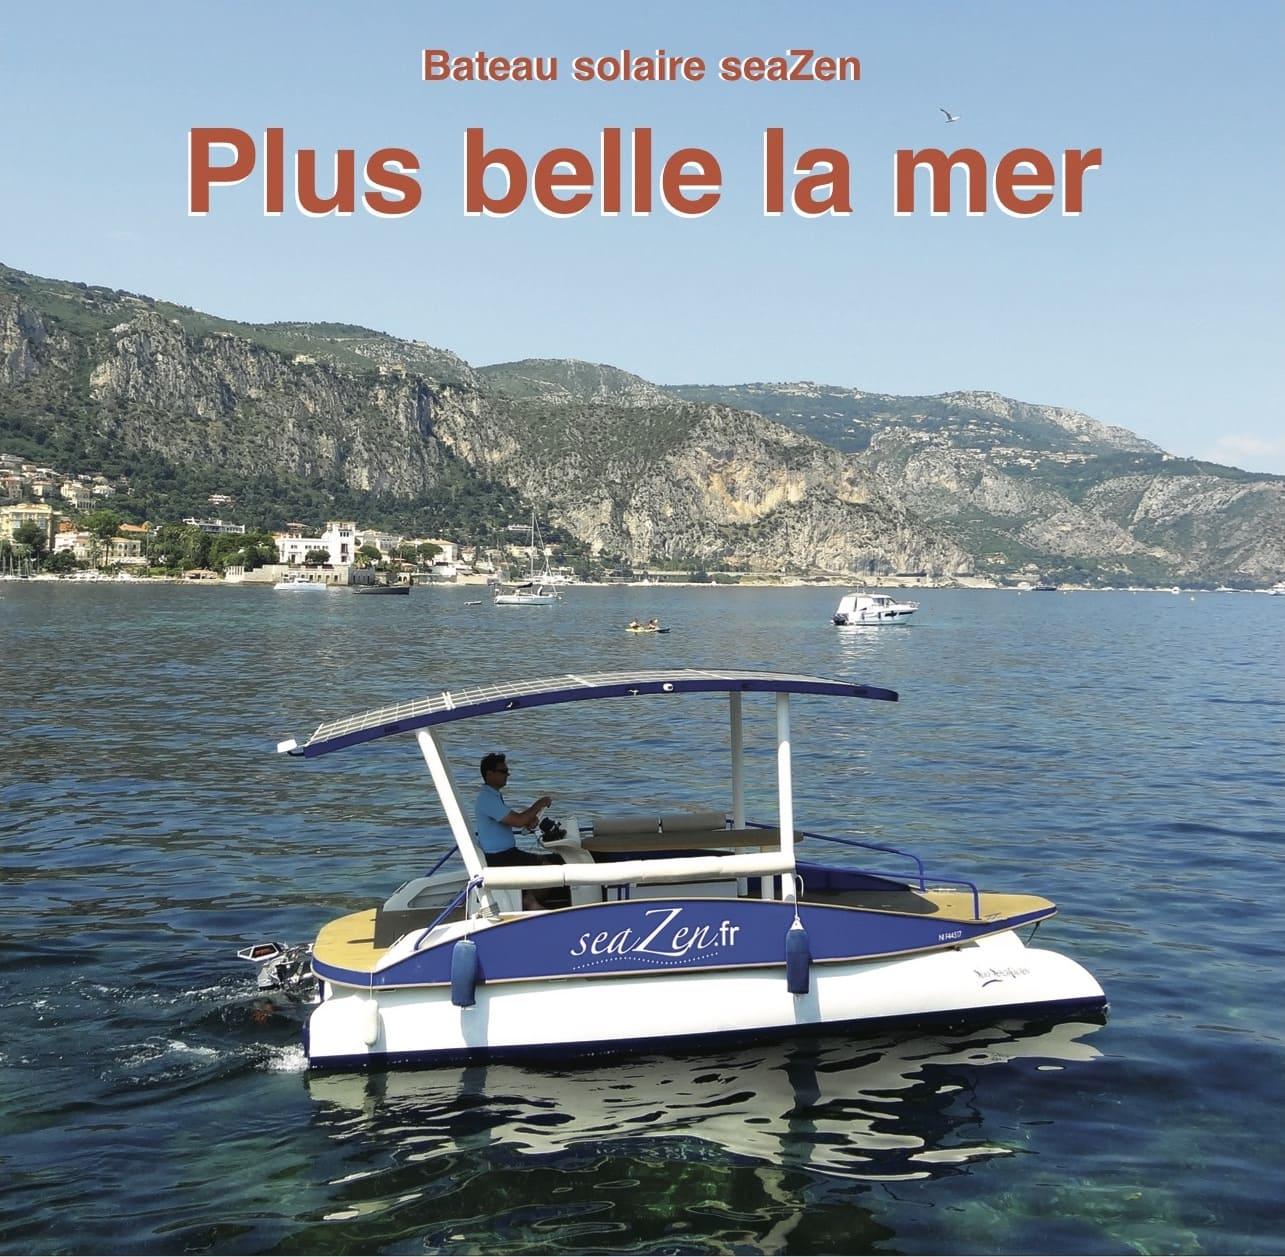 Couverture de l'hebdo Pays des Alpes-Maritime n°809, Du 28 juin au 4 juillet 2018